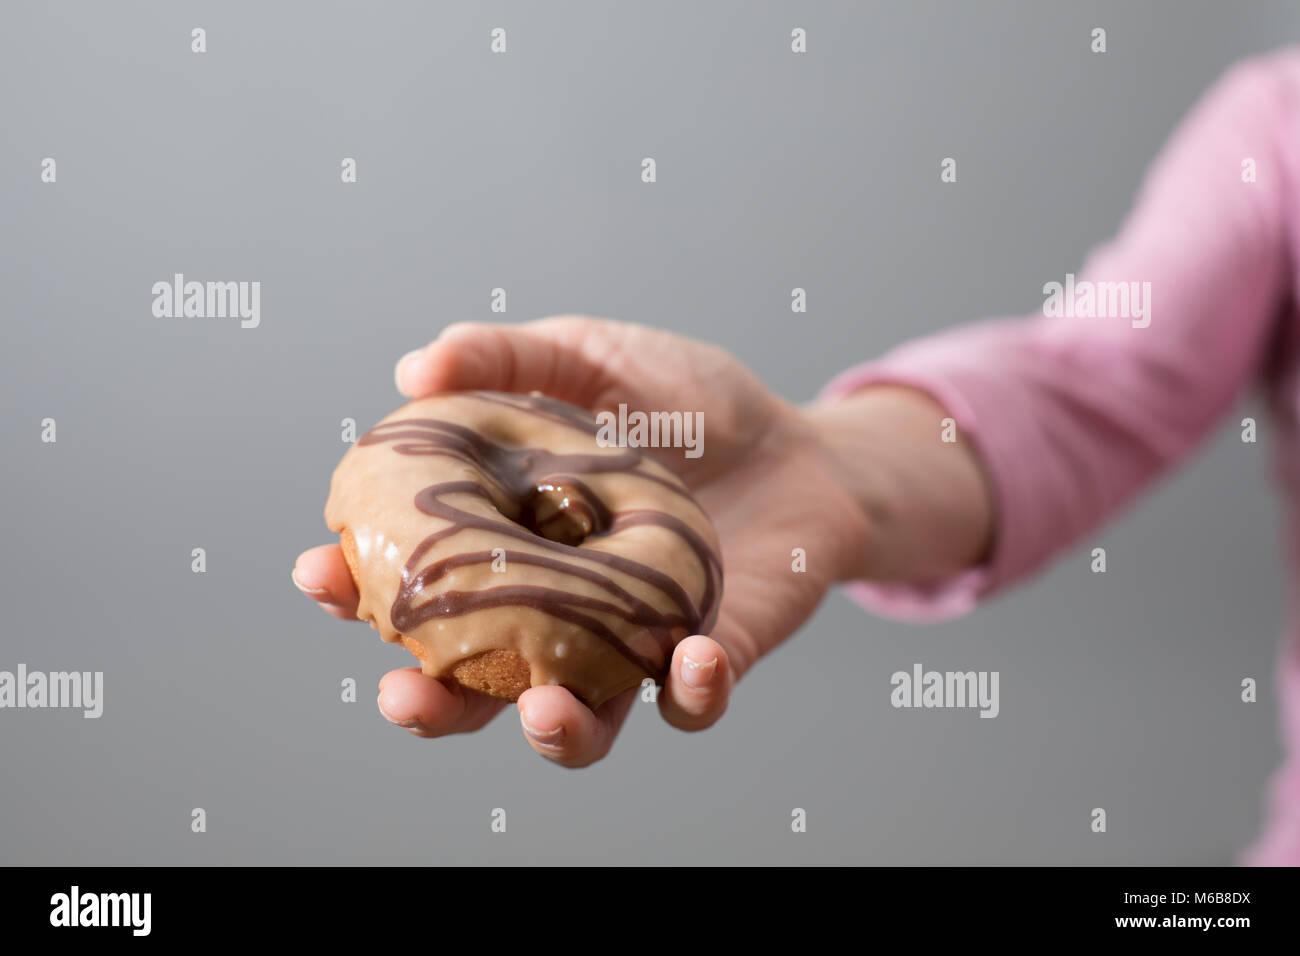 Una mano femenina ofreciendo un donut sobre un fondo gris perfecta Imagen De Stock